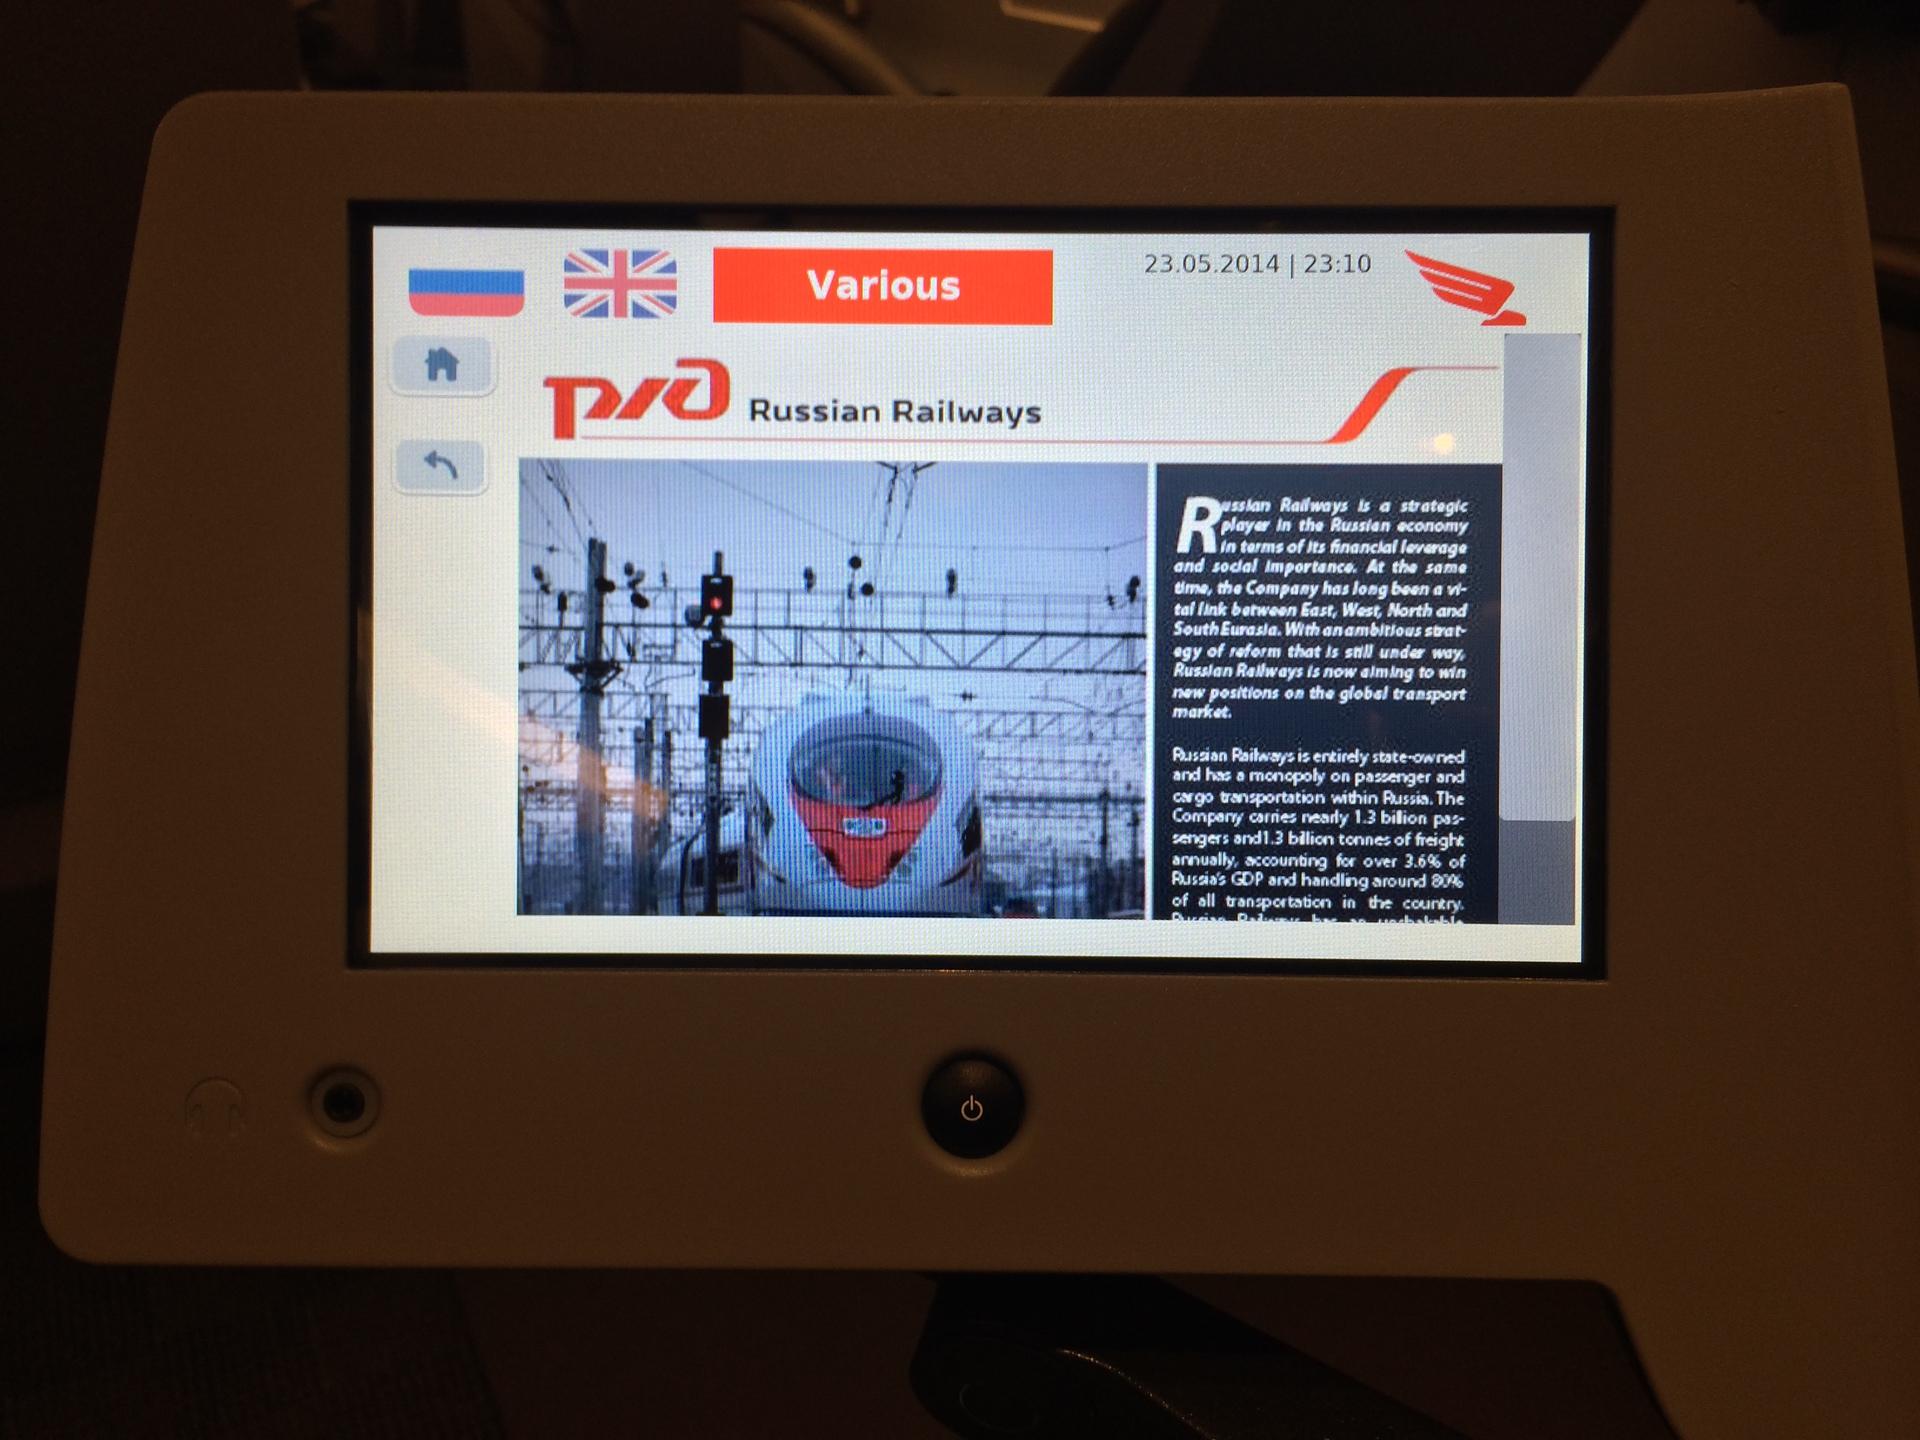 Персональное развлекательное устройство от РЖД — взгляд со стороны пассажира